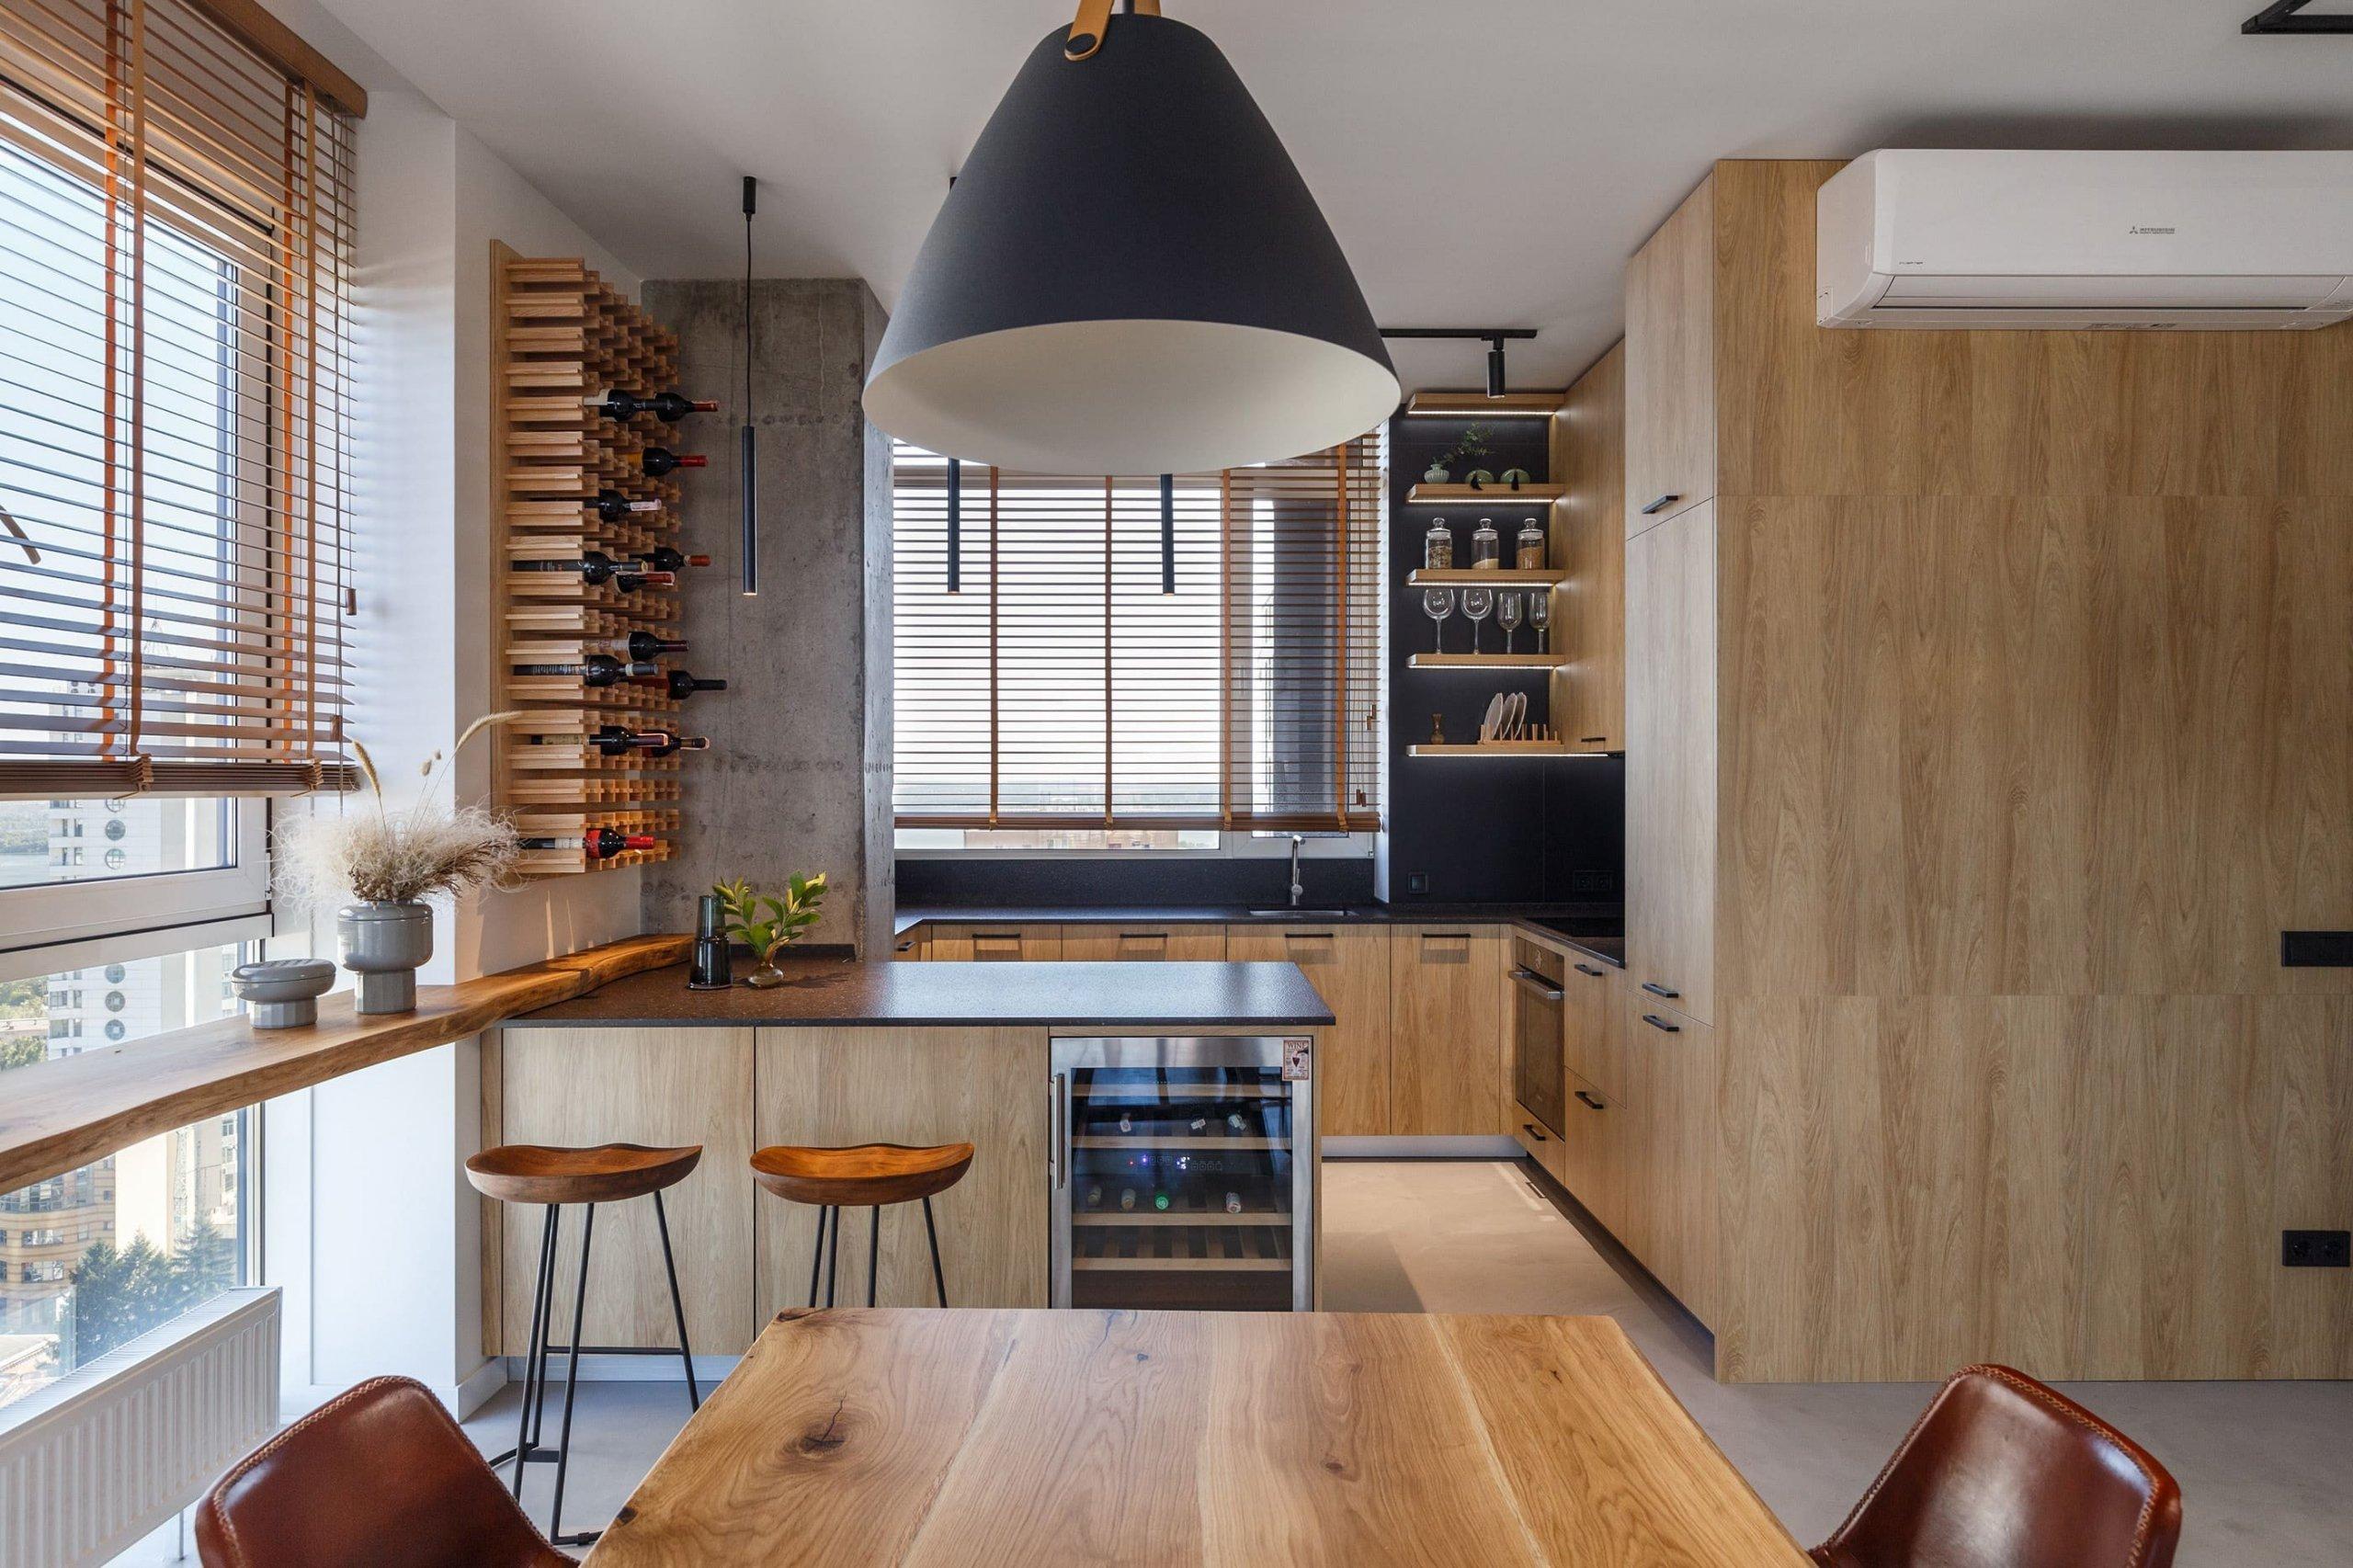 Půvabný byt, který je kompletně průchozí a snoubí se v něm krása betonu, dřeva a černé barvy. I přes moderní a minimalistický styl je byt skvělým útočištěm pro mladou rodinu a jejich dceru.